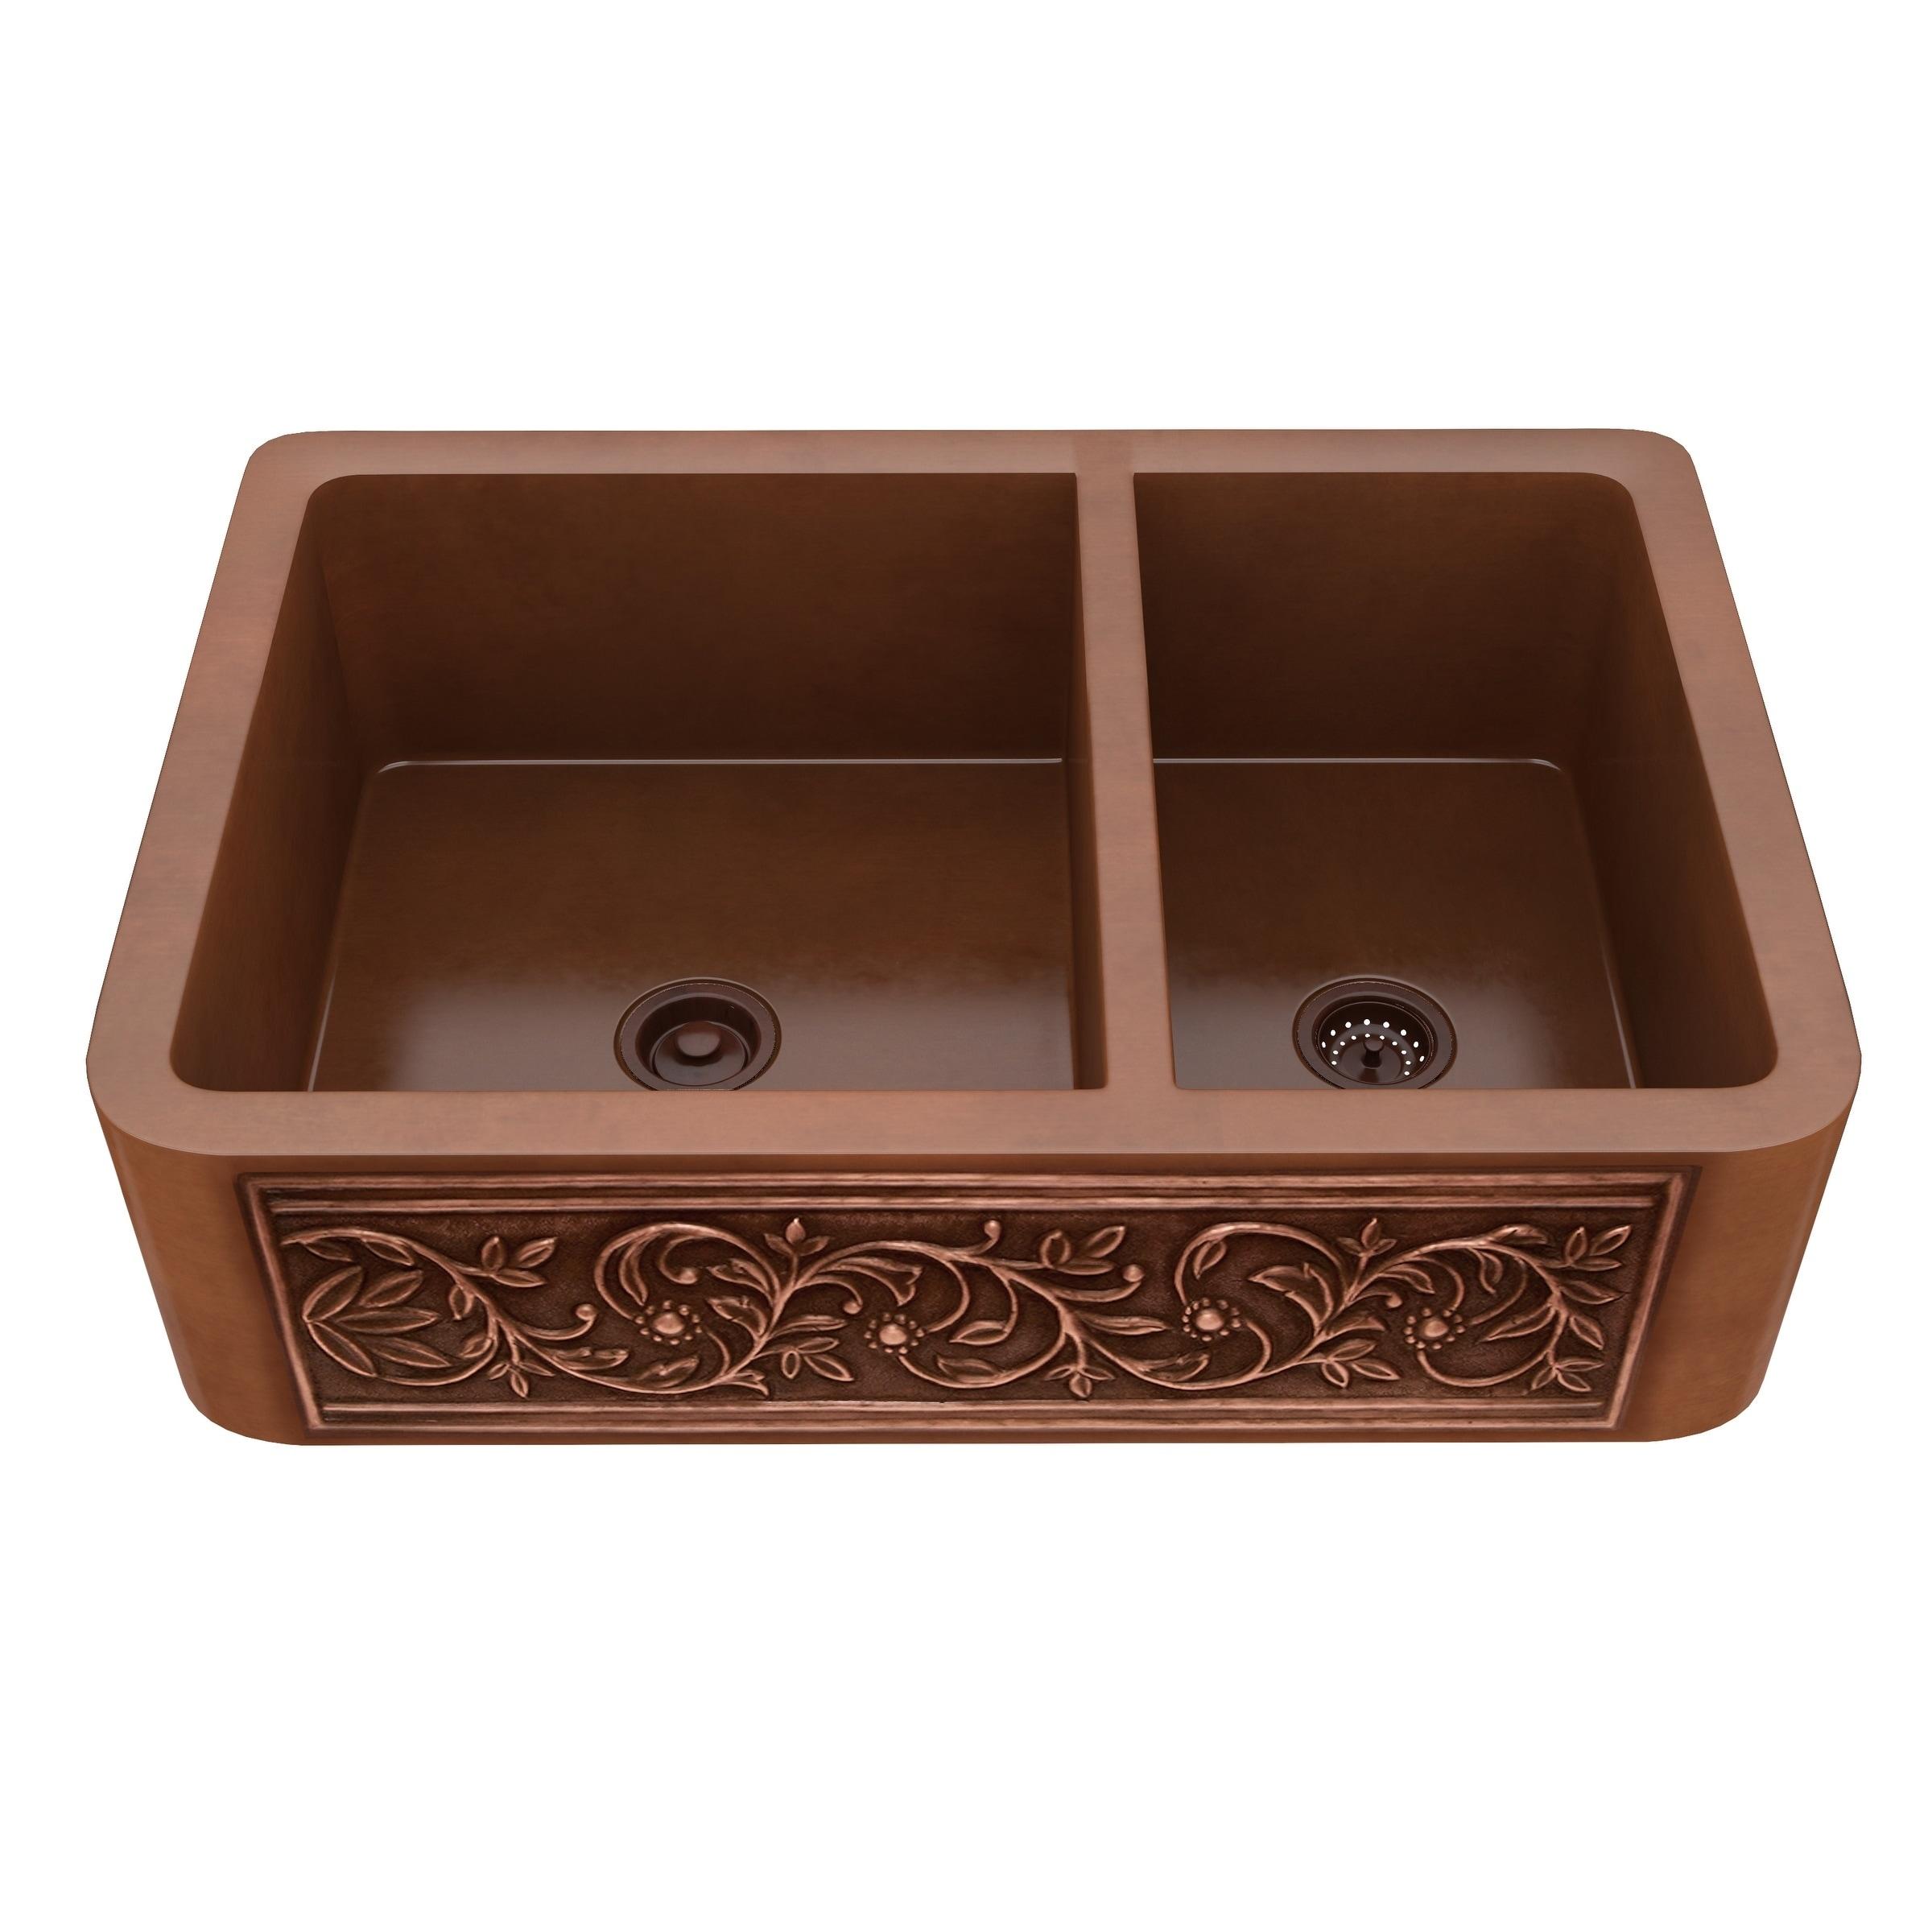 Kitchen Sink on cast iron undermount double sink, 24 x 16 sink, 70 30 undermount stainless steel sink, hammered copper farmhouse sink, copper bowl sink, 24 bathroom vanity with sink,